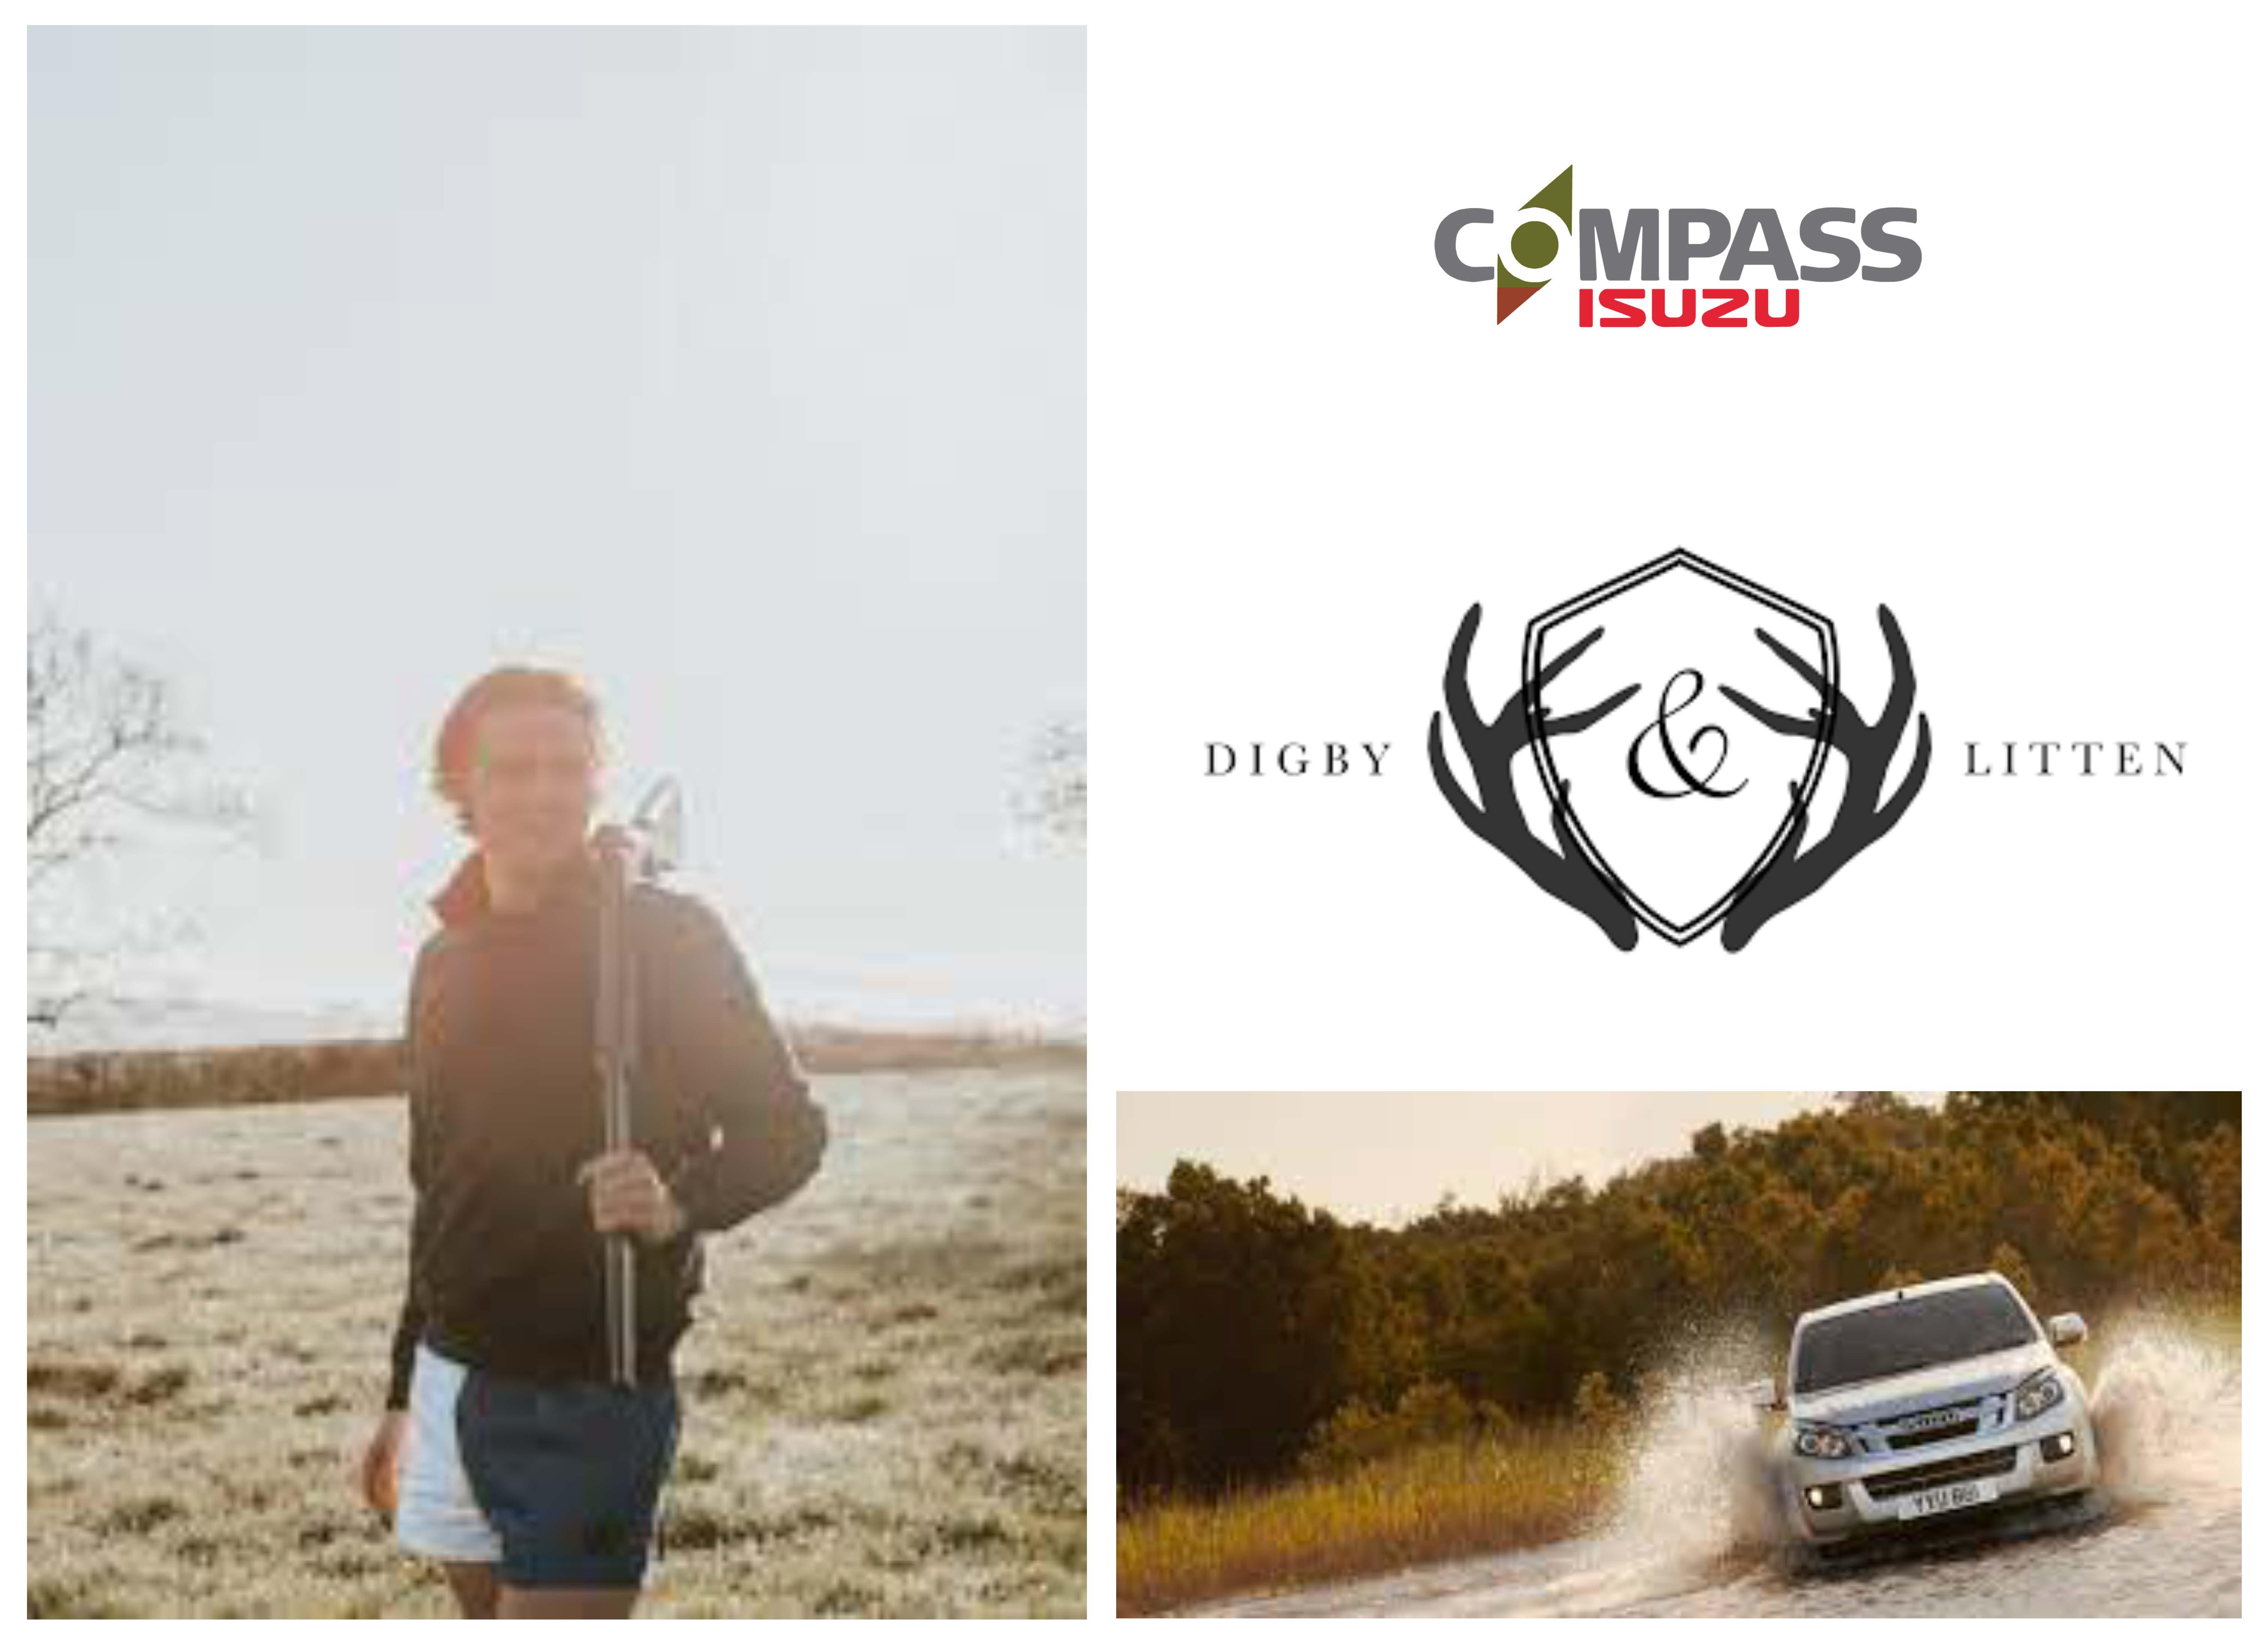 Digby & Litten and Compass Isuzu